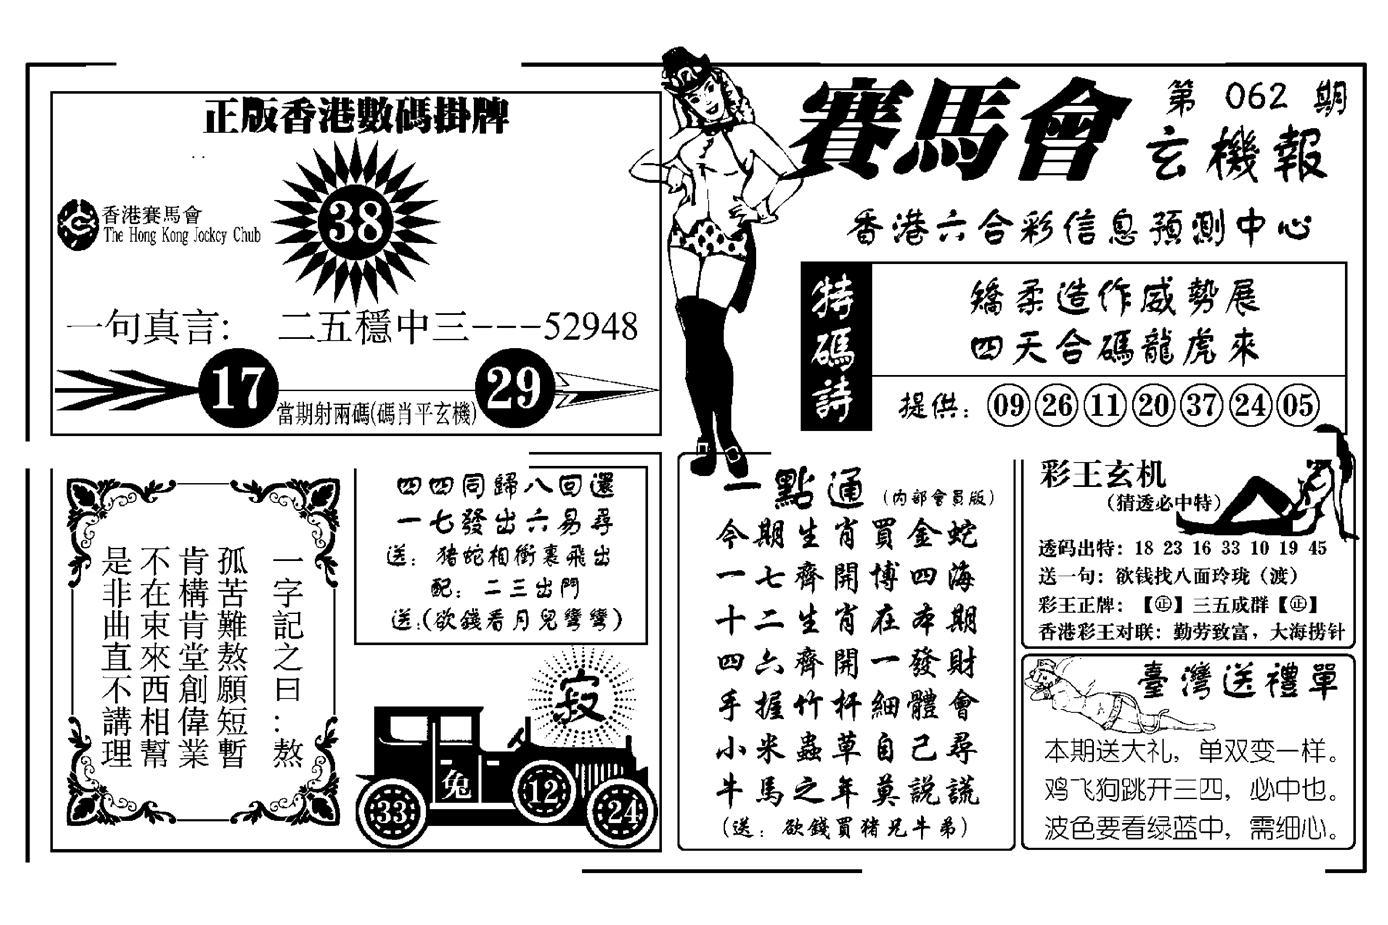 062期赛马会玄机报(黑白)